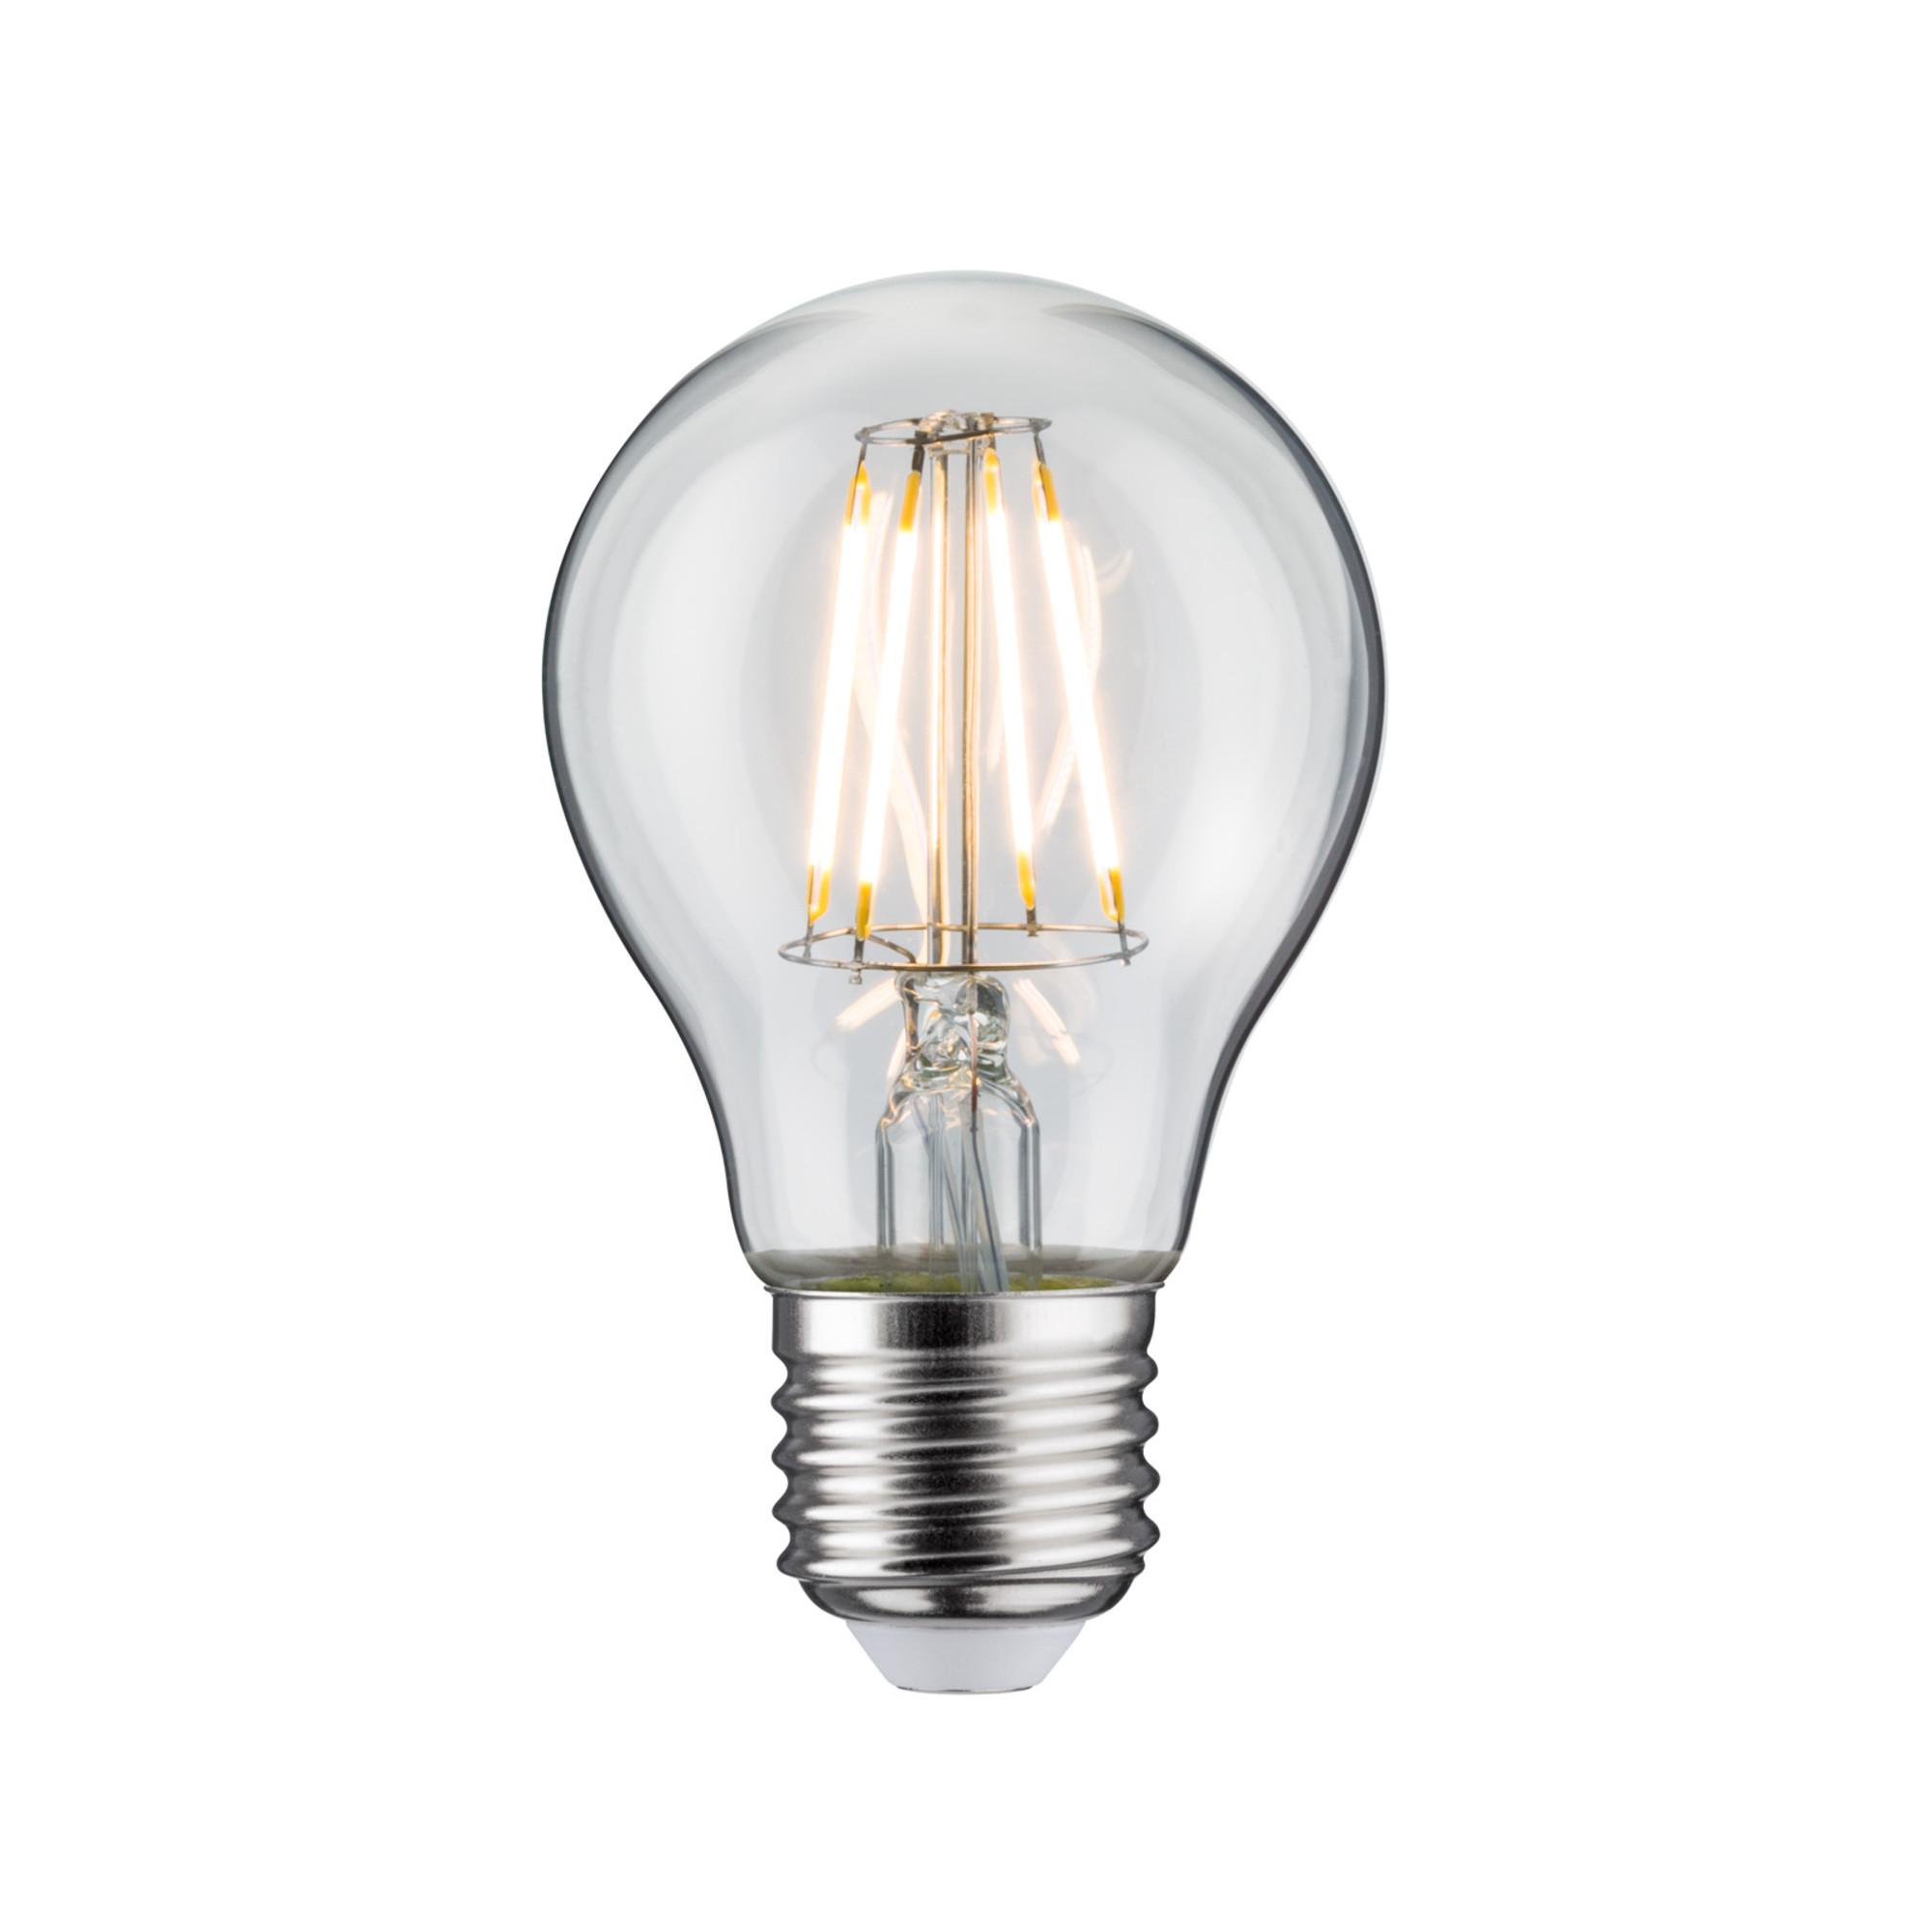 Лампа филаментная Paulmann Общего назначения 4Вт 470лм 2700К Е27 230В Прозрачный Набор 2 шт. 28475.